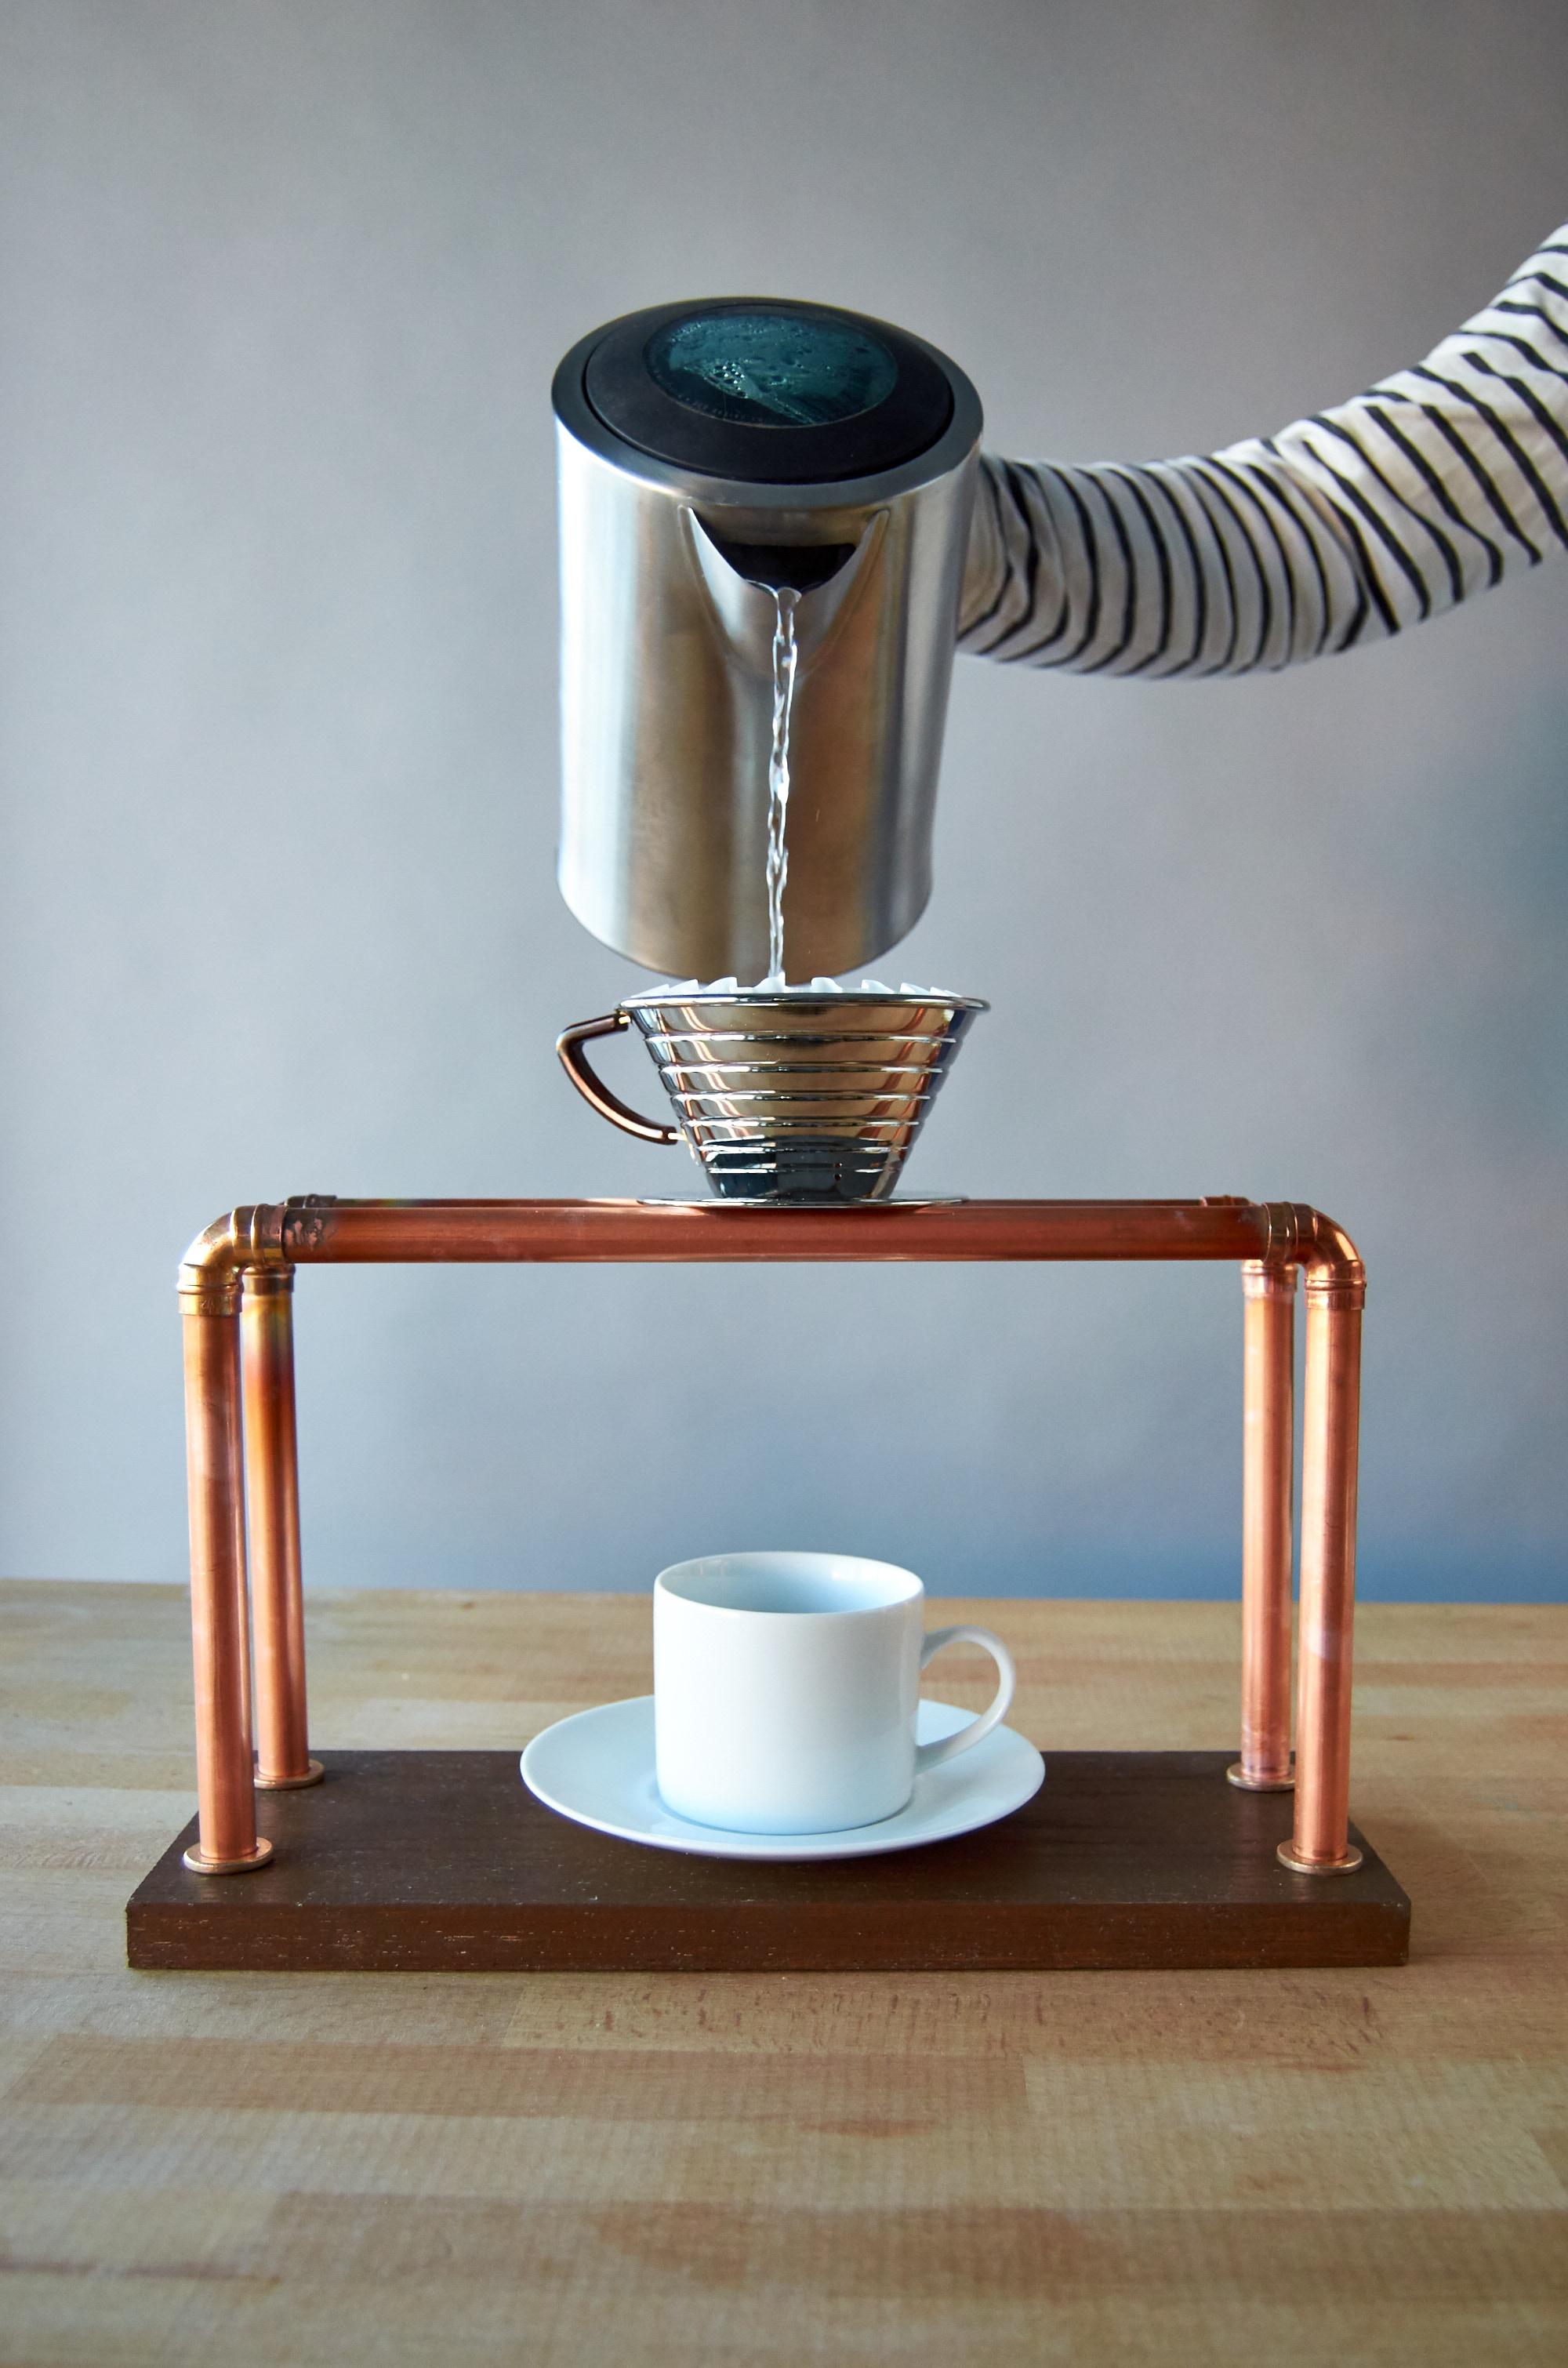 Http%3a%2f%2fassets.manmadediy.com%2fphotos%2f30284%2fpour over coffee stand 3510original